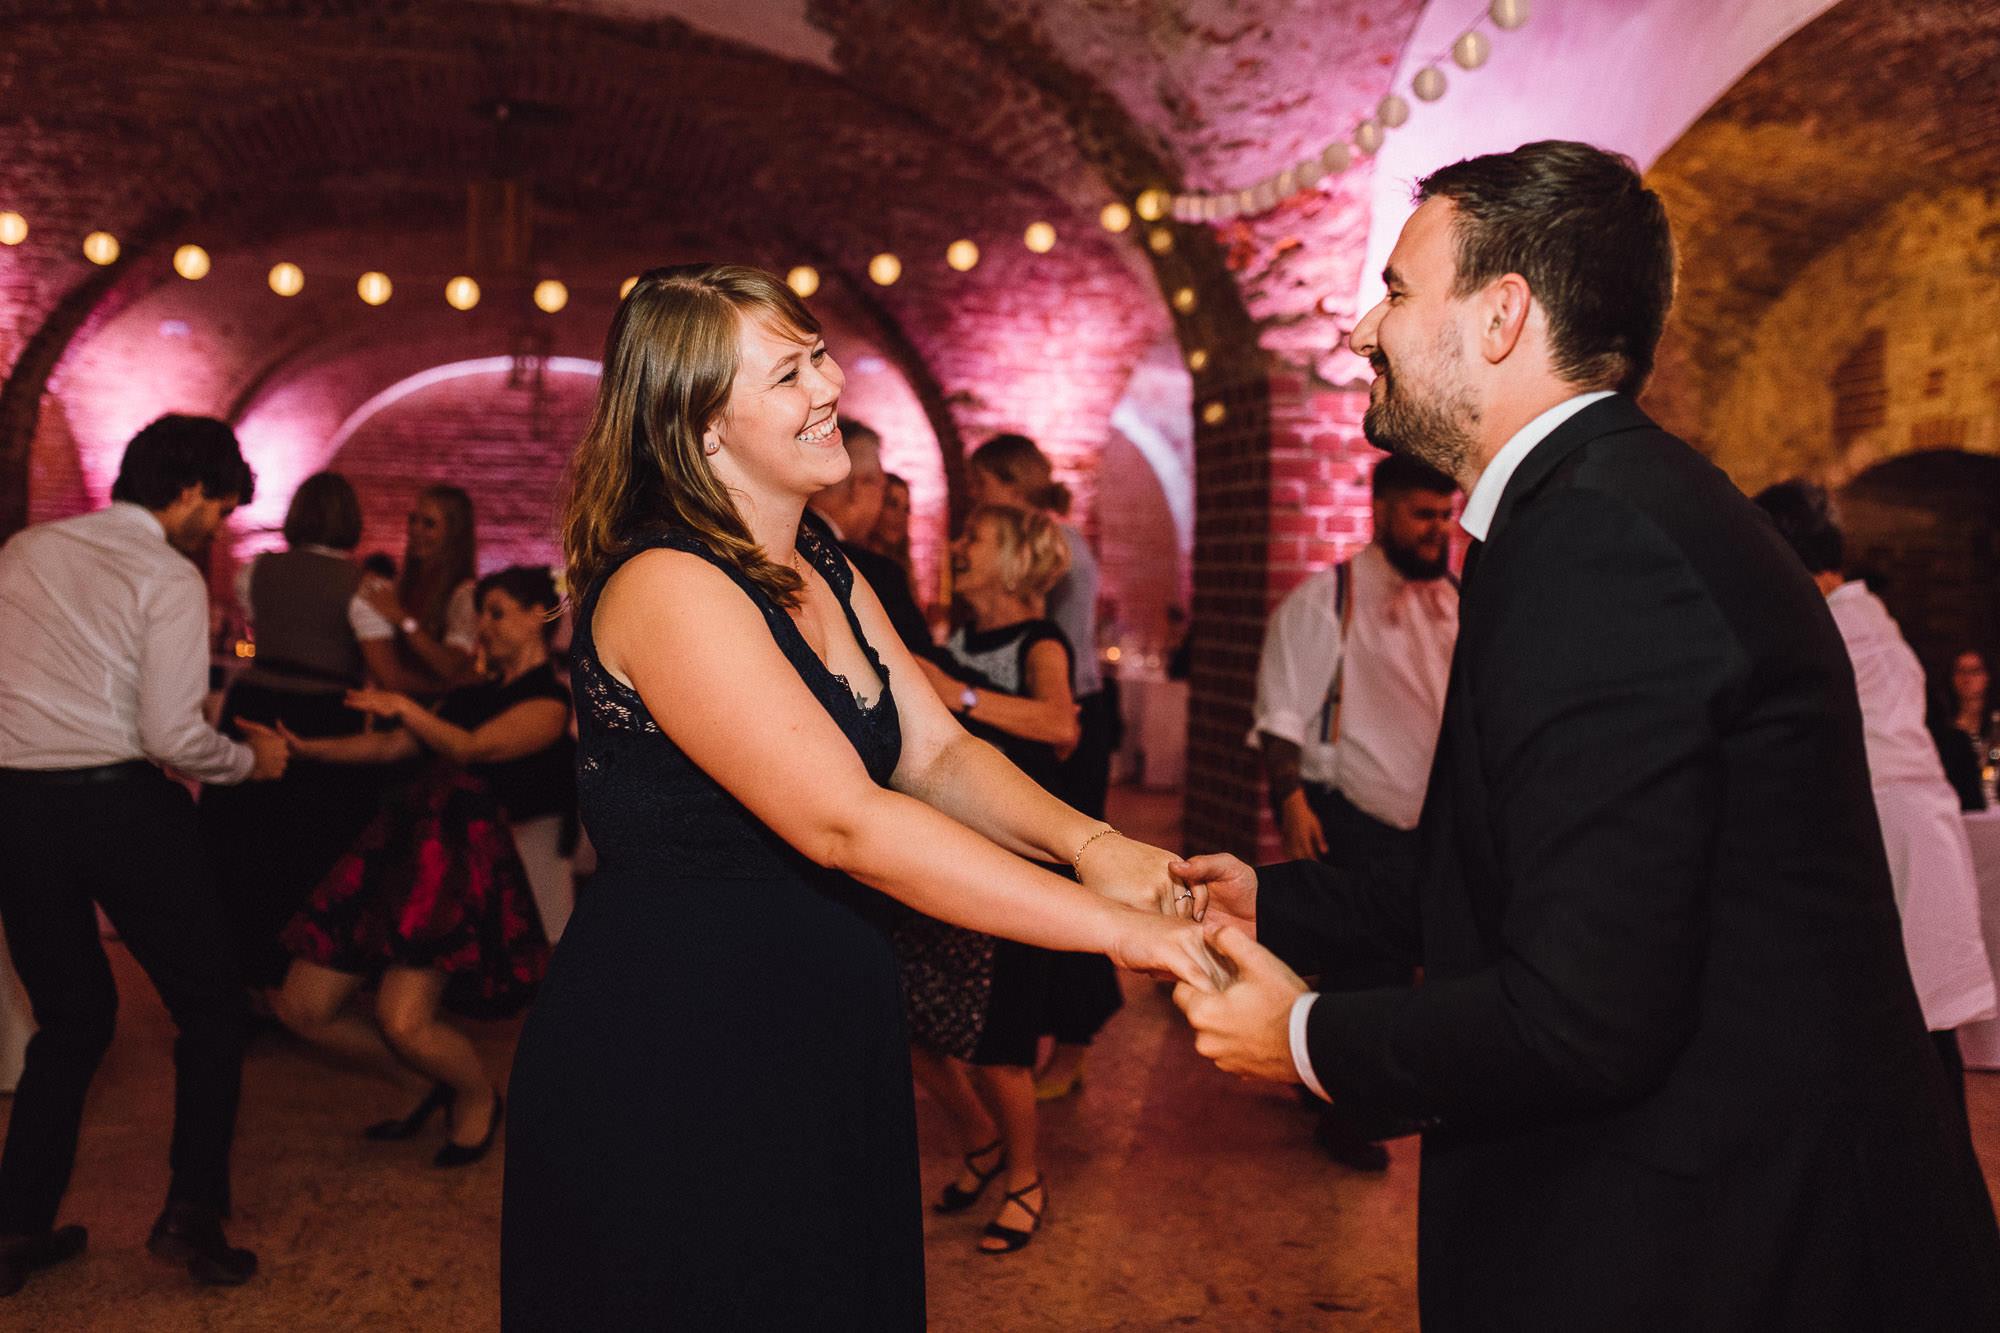 greenery-wedding-hochzeit-prielhof-sukkulenten-scheyern-lauraelenaphotography-120